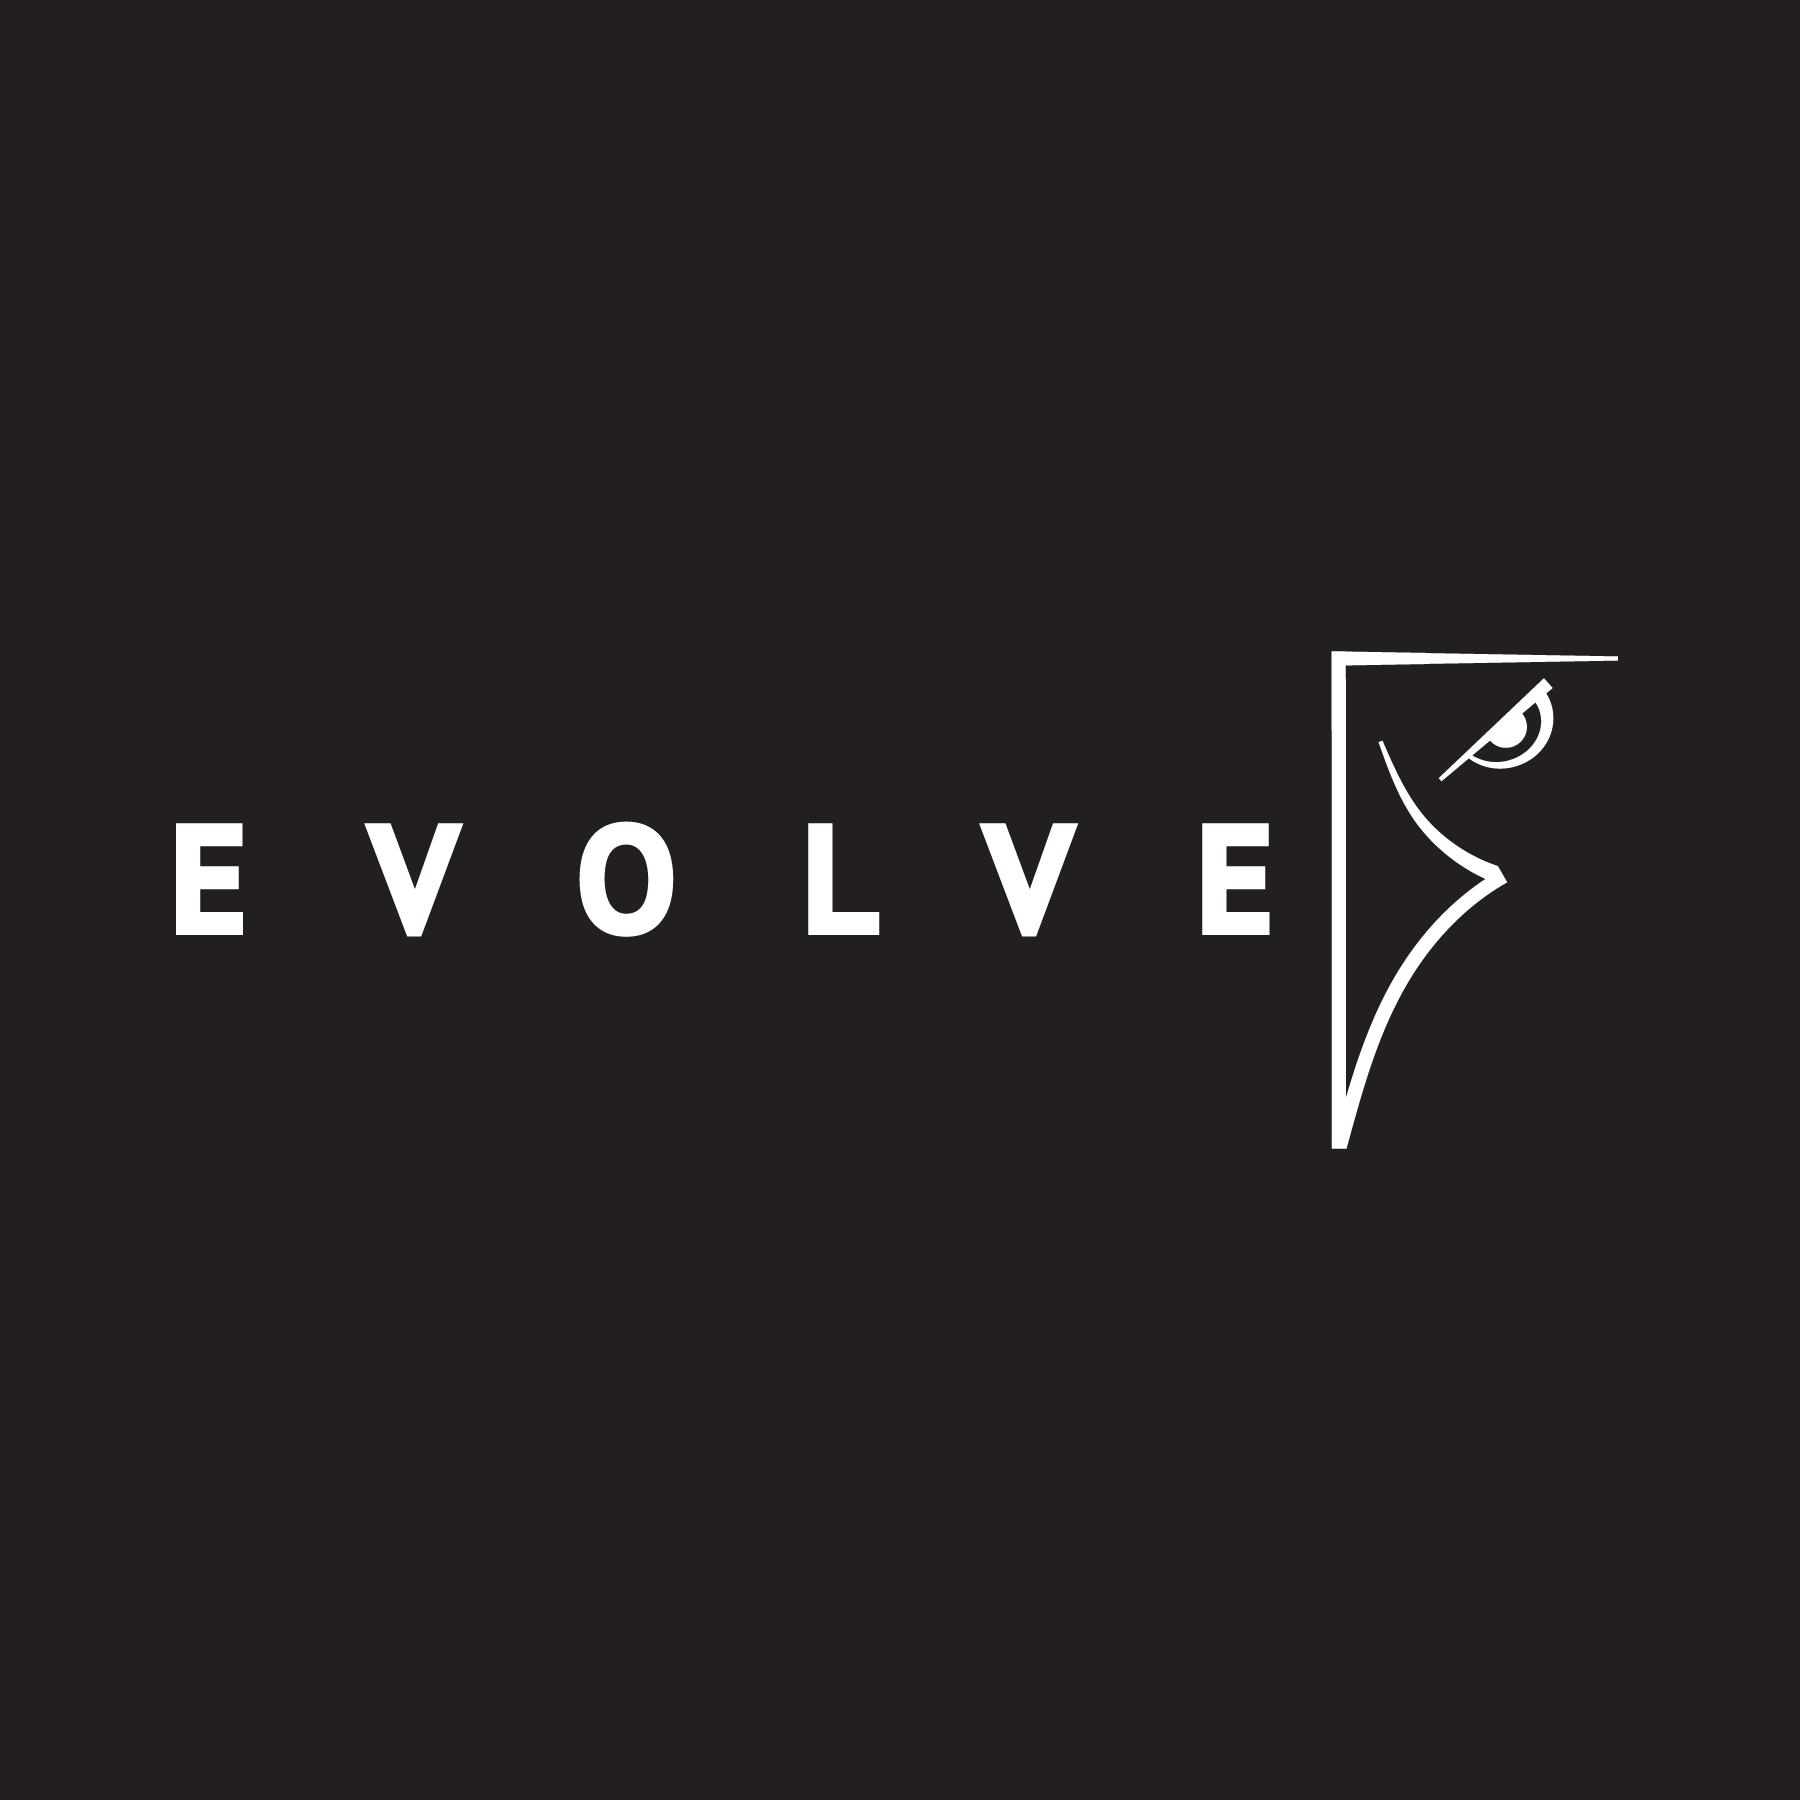 Evolve_Logo2-02.png